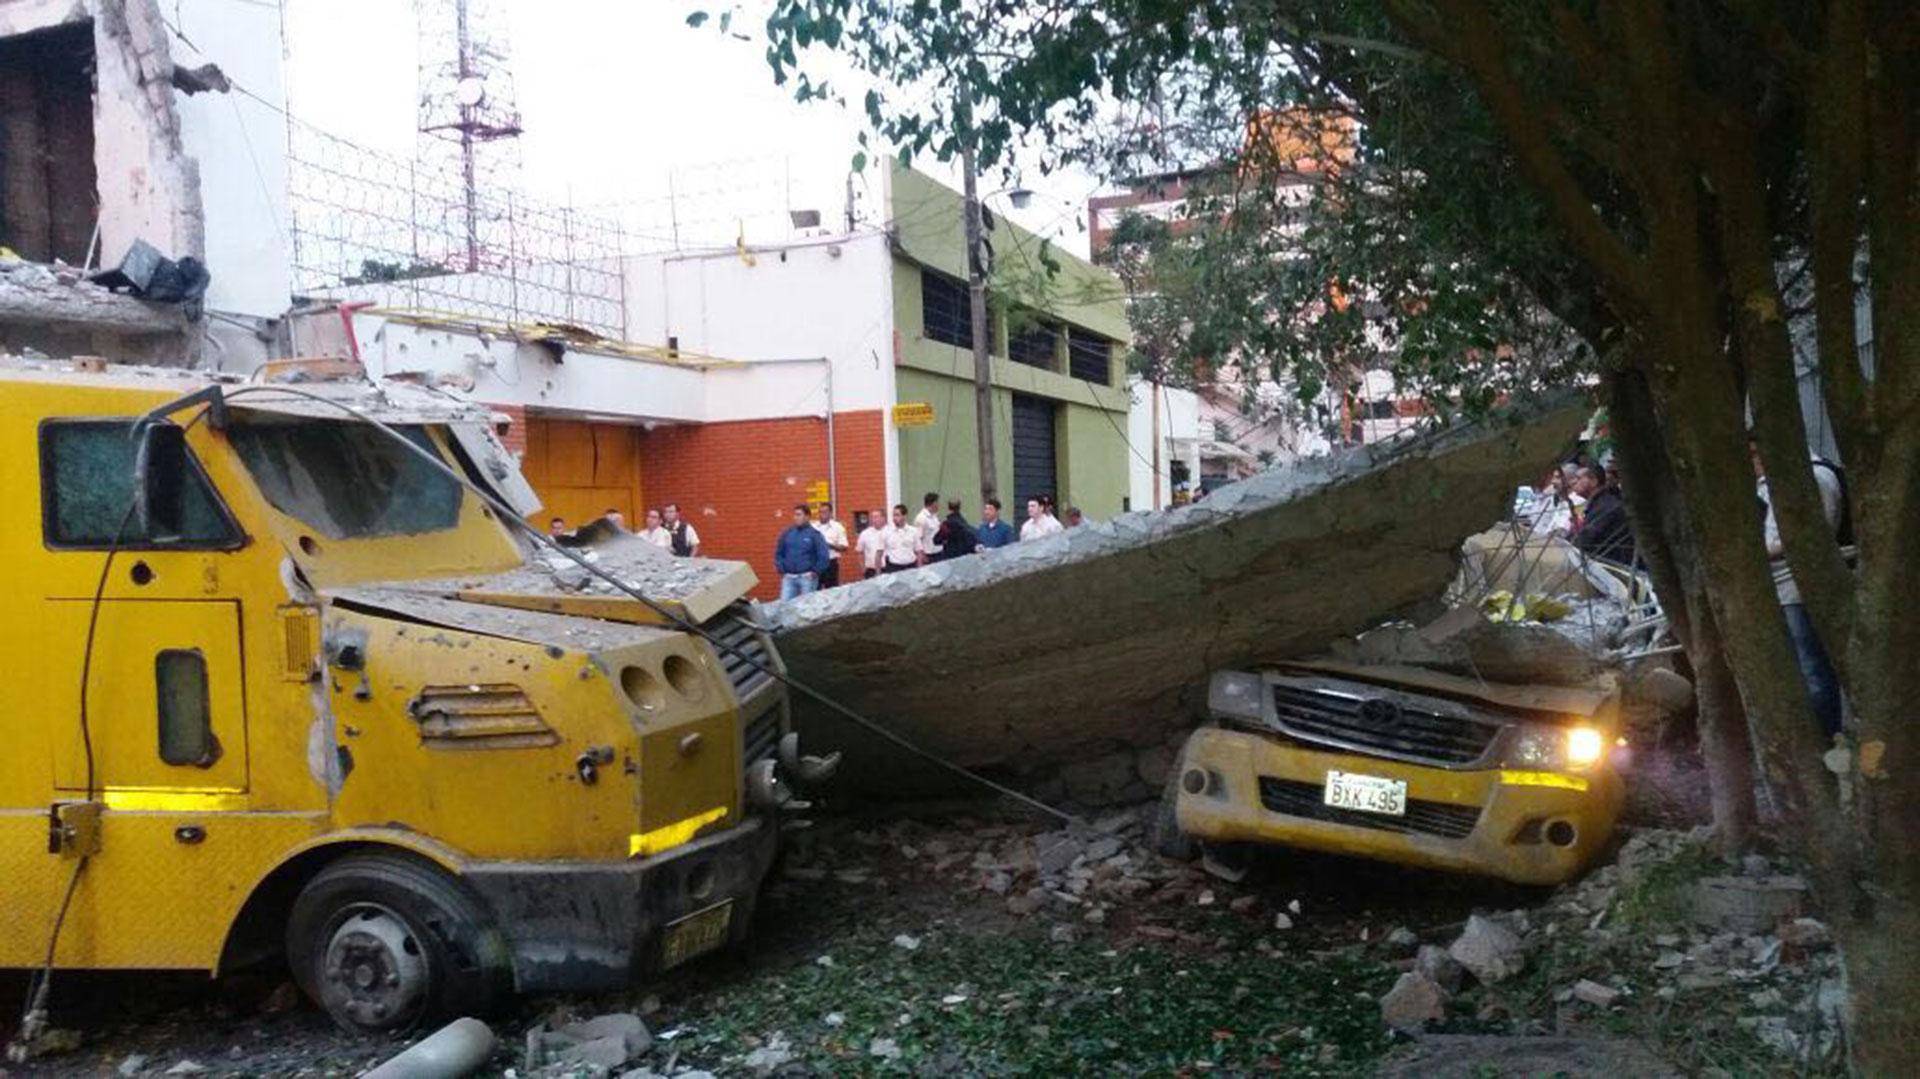 Resultado de imagen de asalto en paraguay ciudad del este